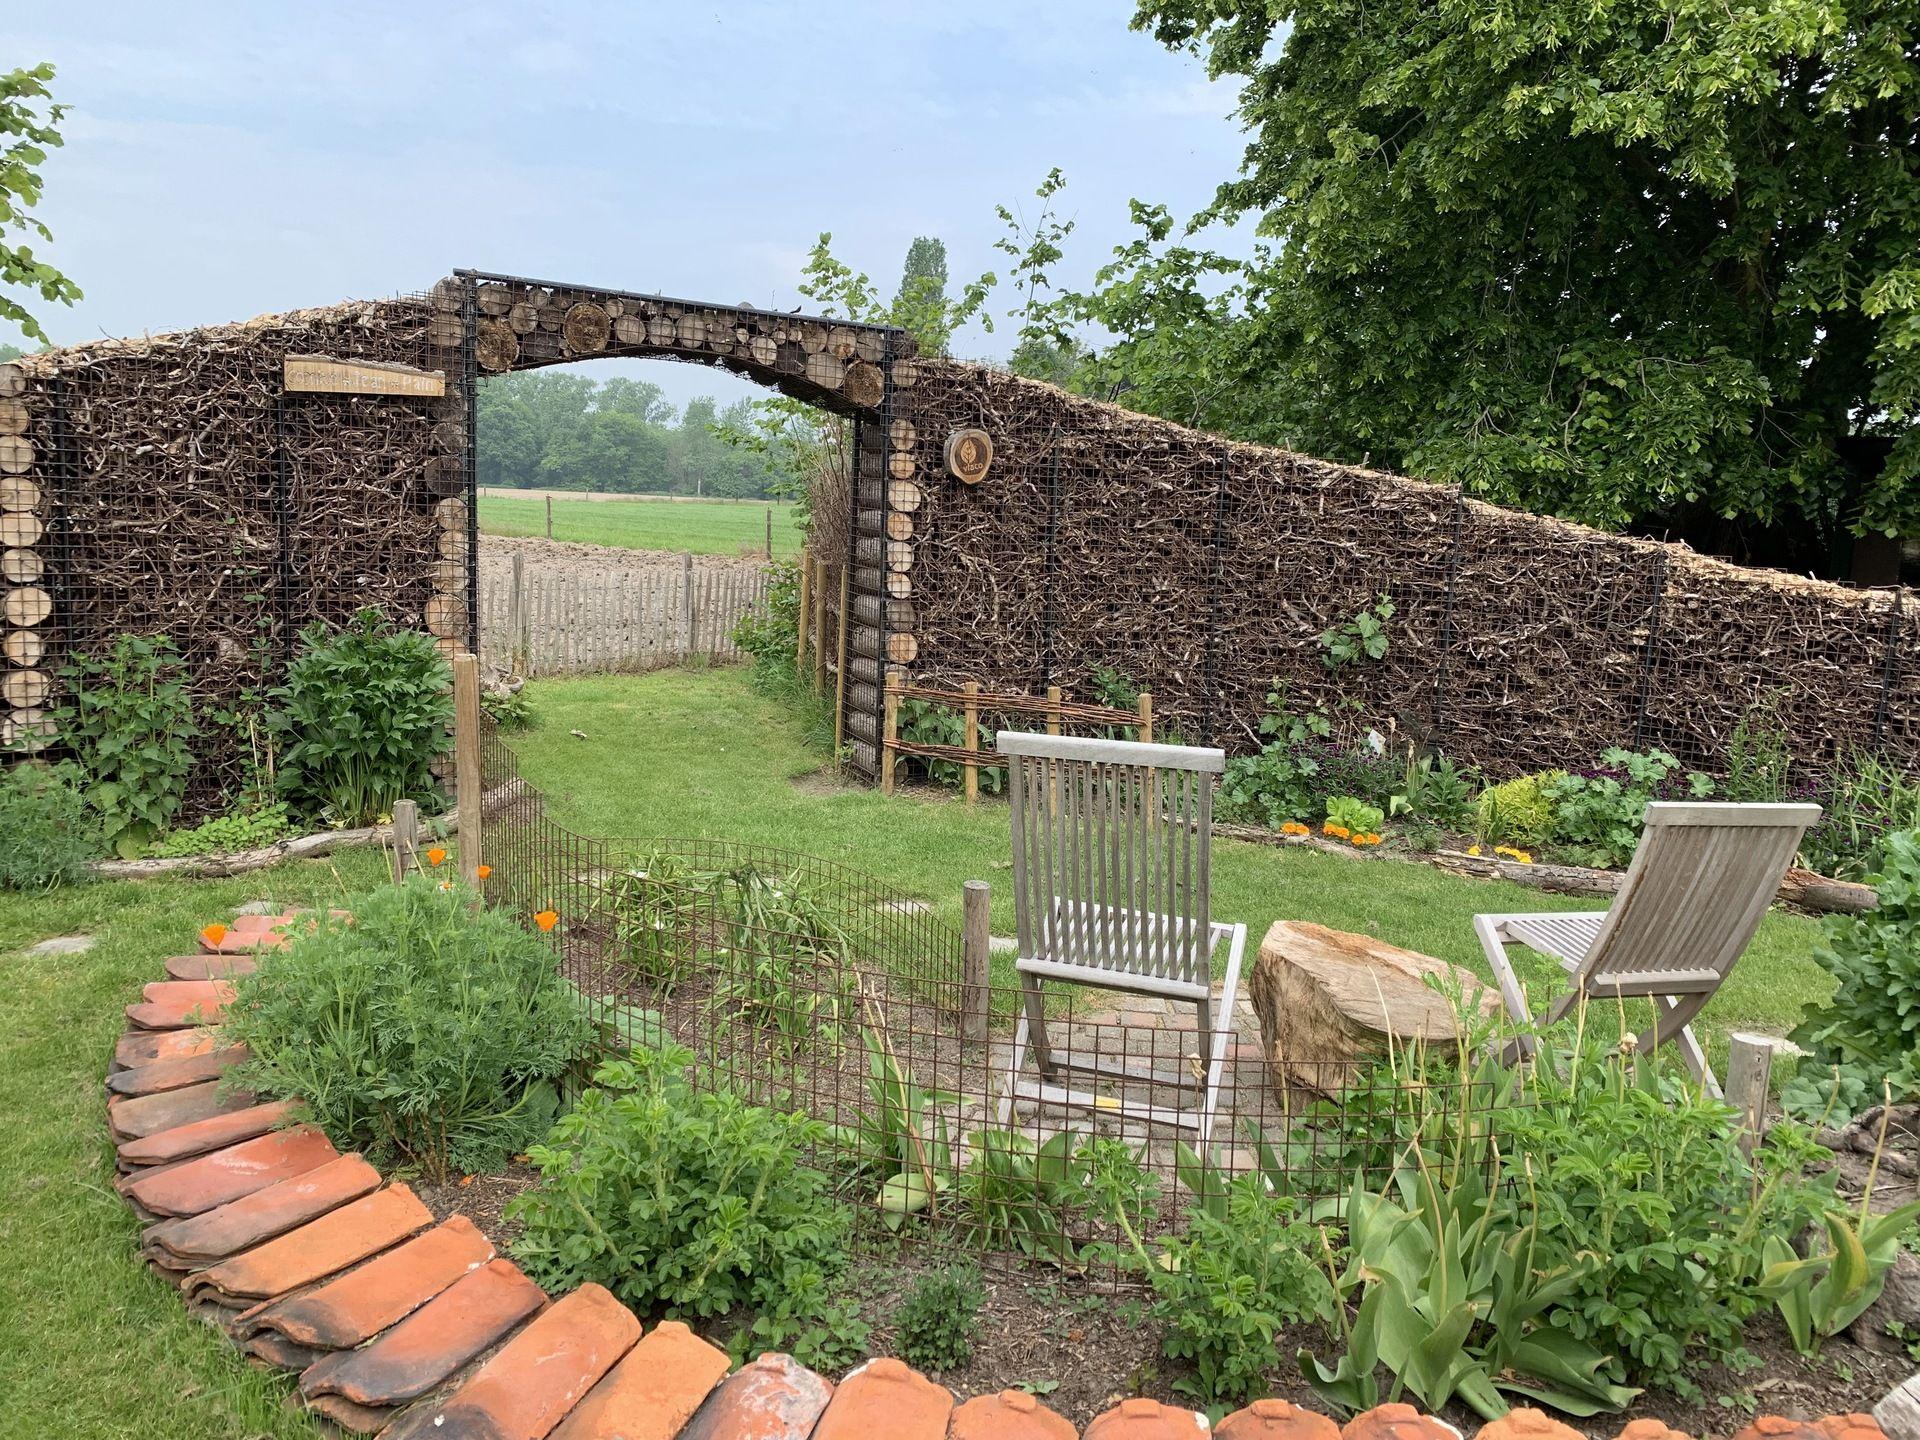 Comment Réaliser Un Aménagement Paysager Pour Votre Jardin dedans Logiciel Amenagement Jardin